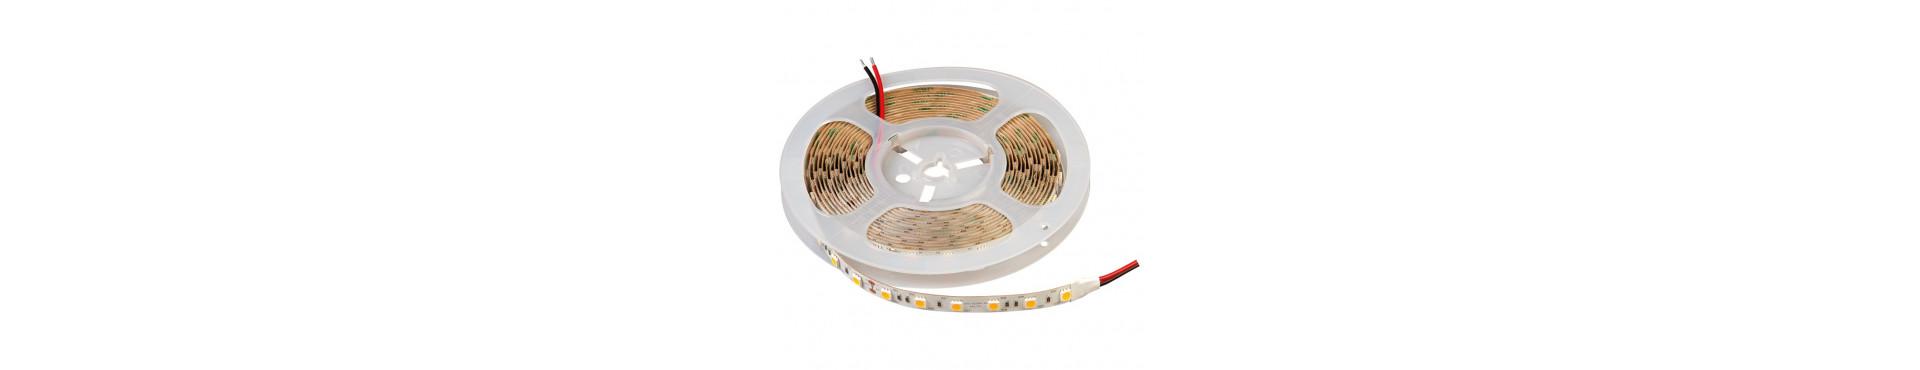 LED-bånd 24V - Vandtæt - Køb dem online på webshoppen her